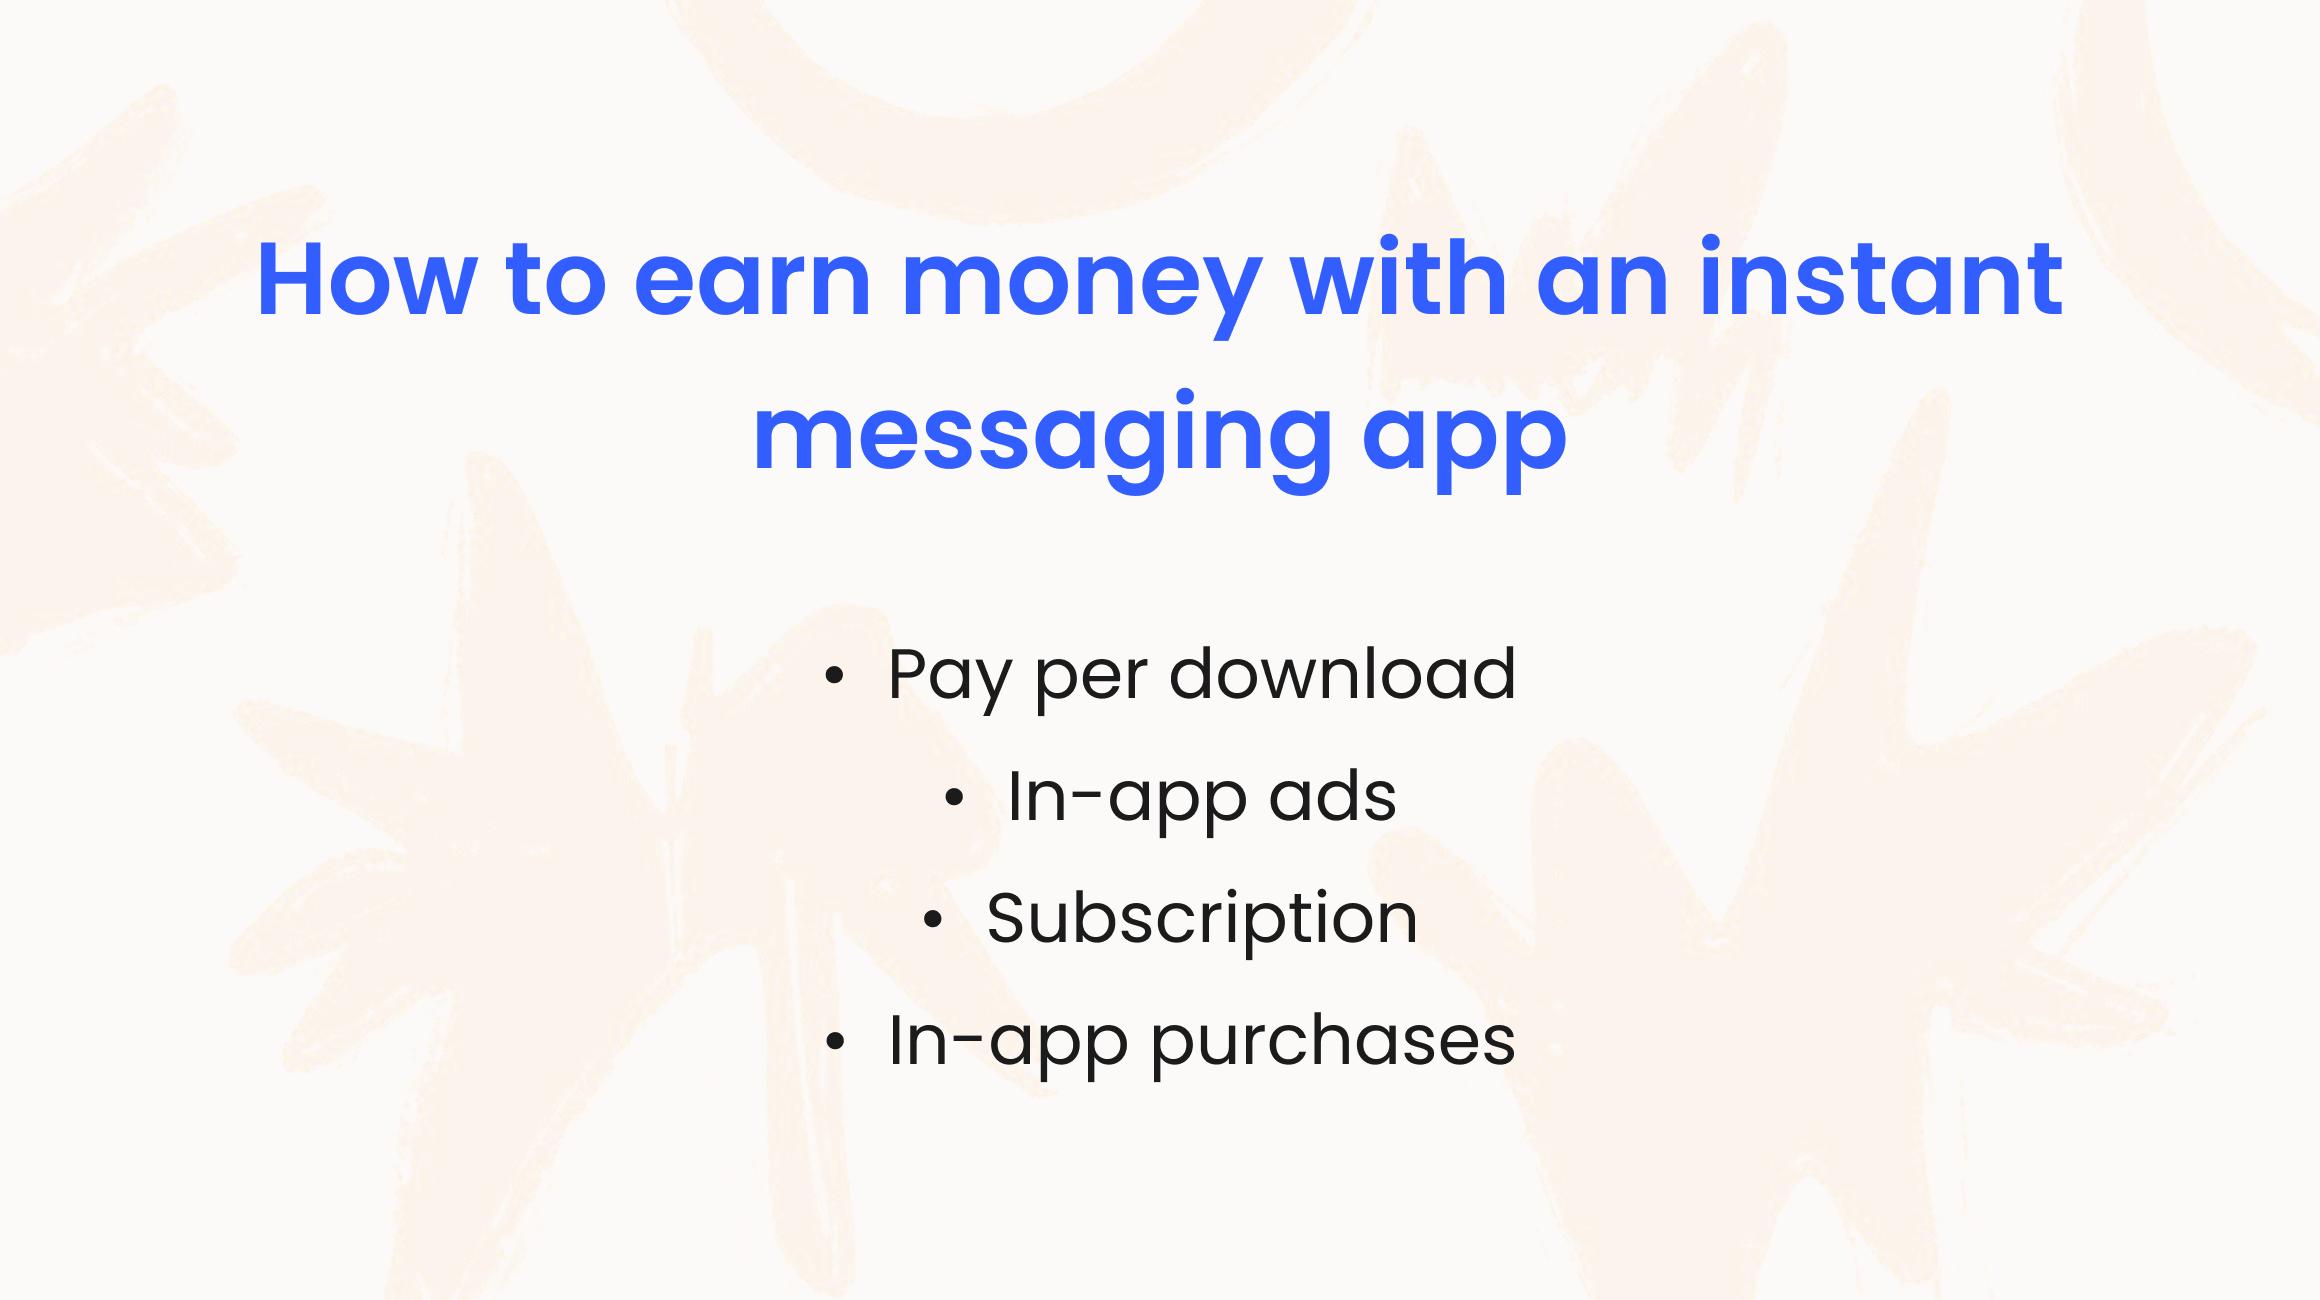 https://images.ctfassets.net/0nm5vlv2ad7a/7LvZMWZl2d1iIqK9hOsqPz/873c06776962e4db160f57ac667418a6/messaging_app_monetizations.png